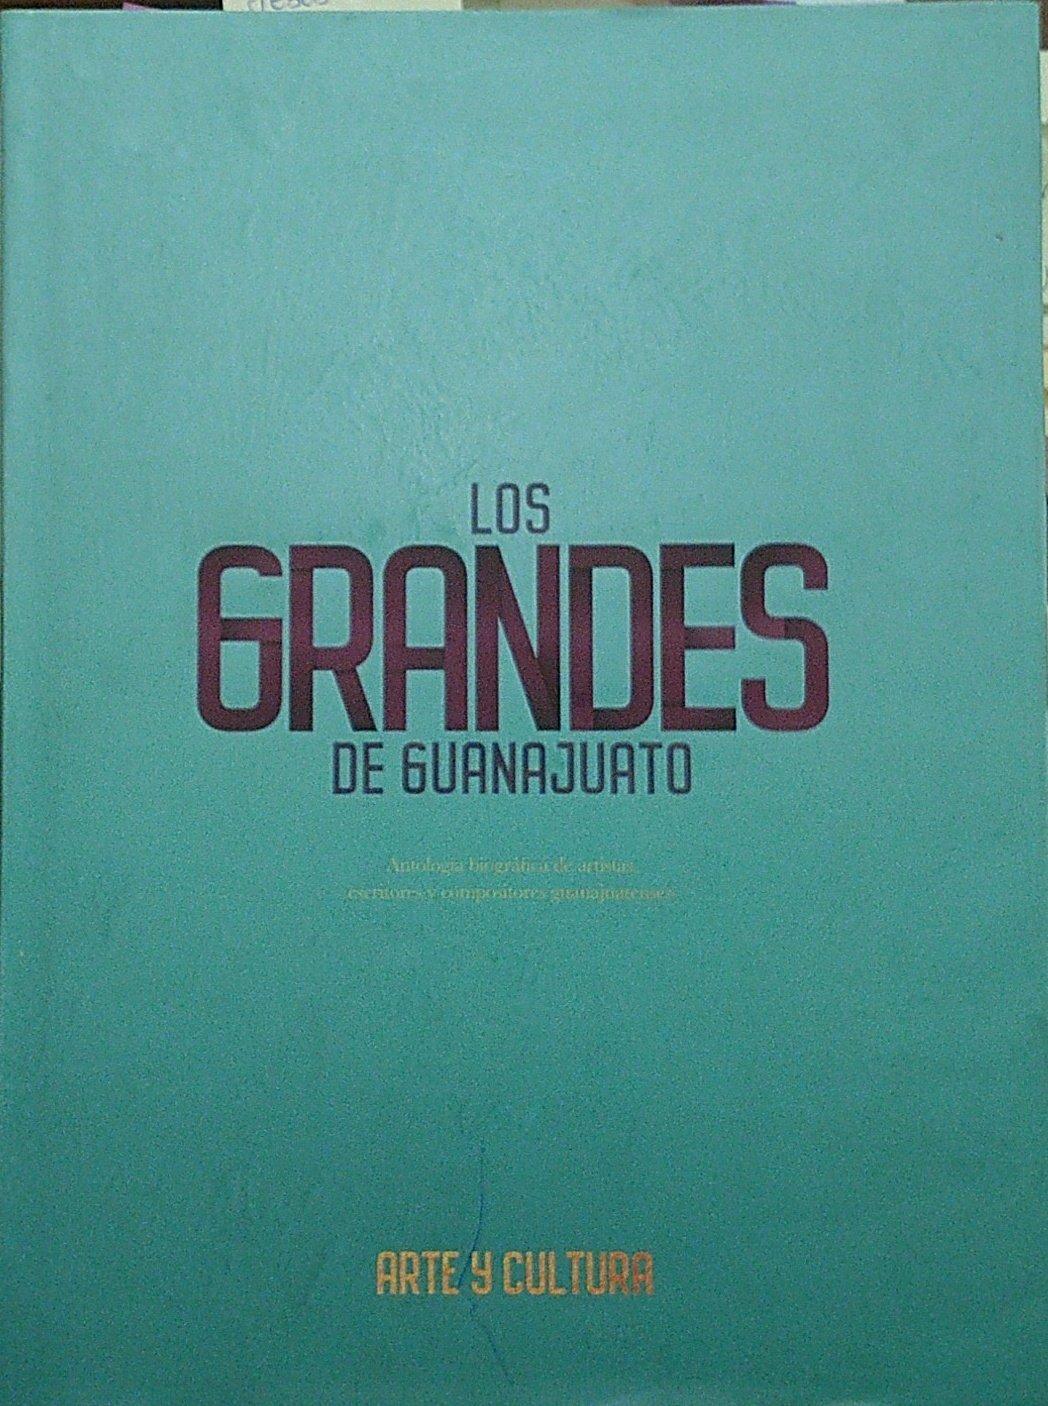 24. Los grandes de Guanajuato